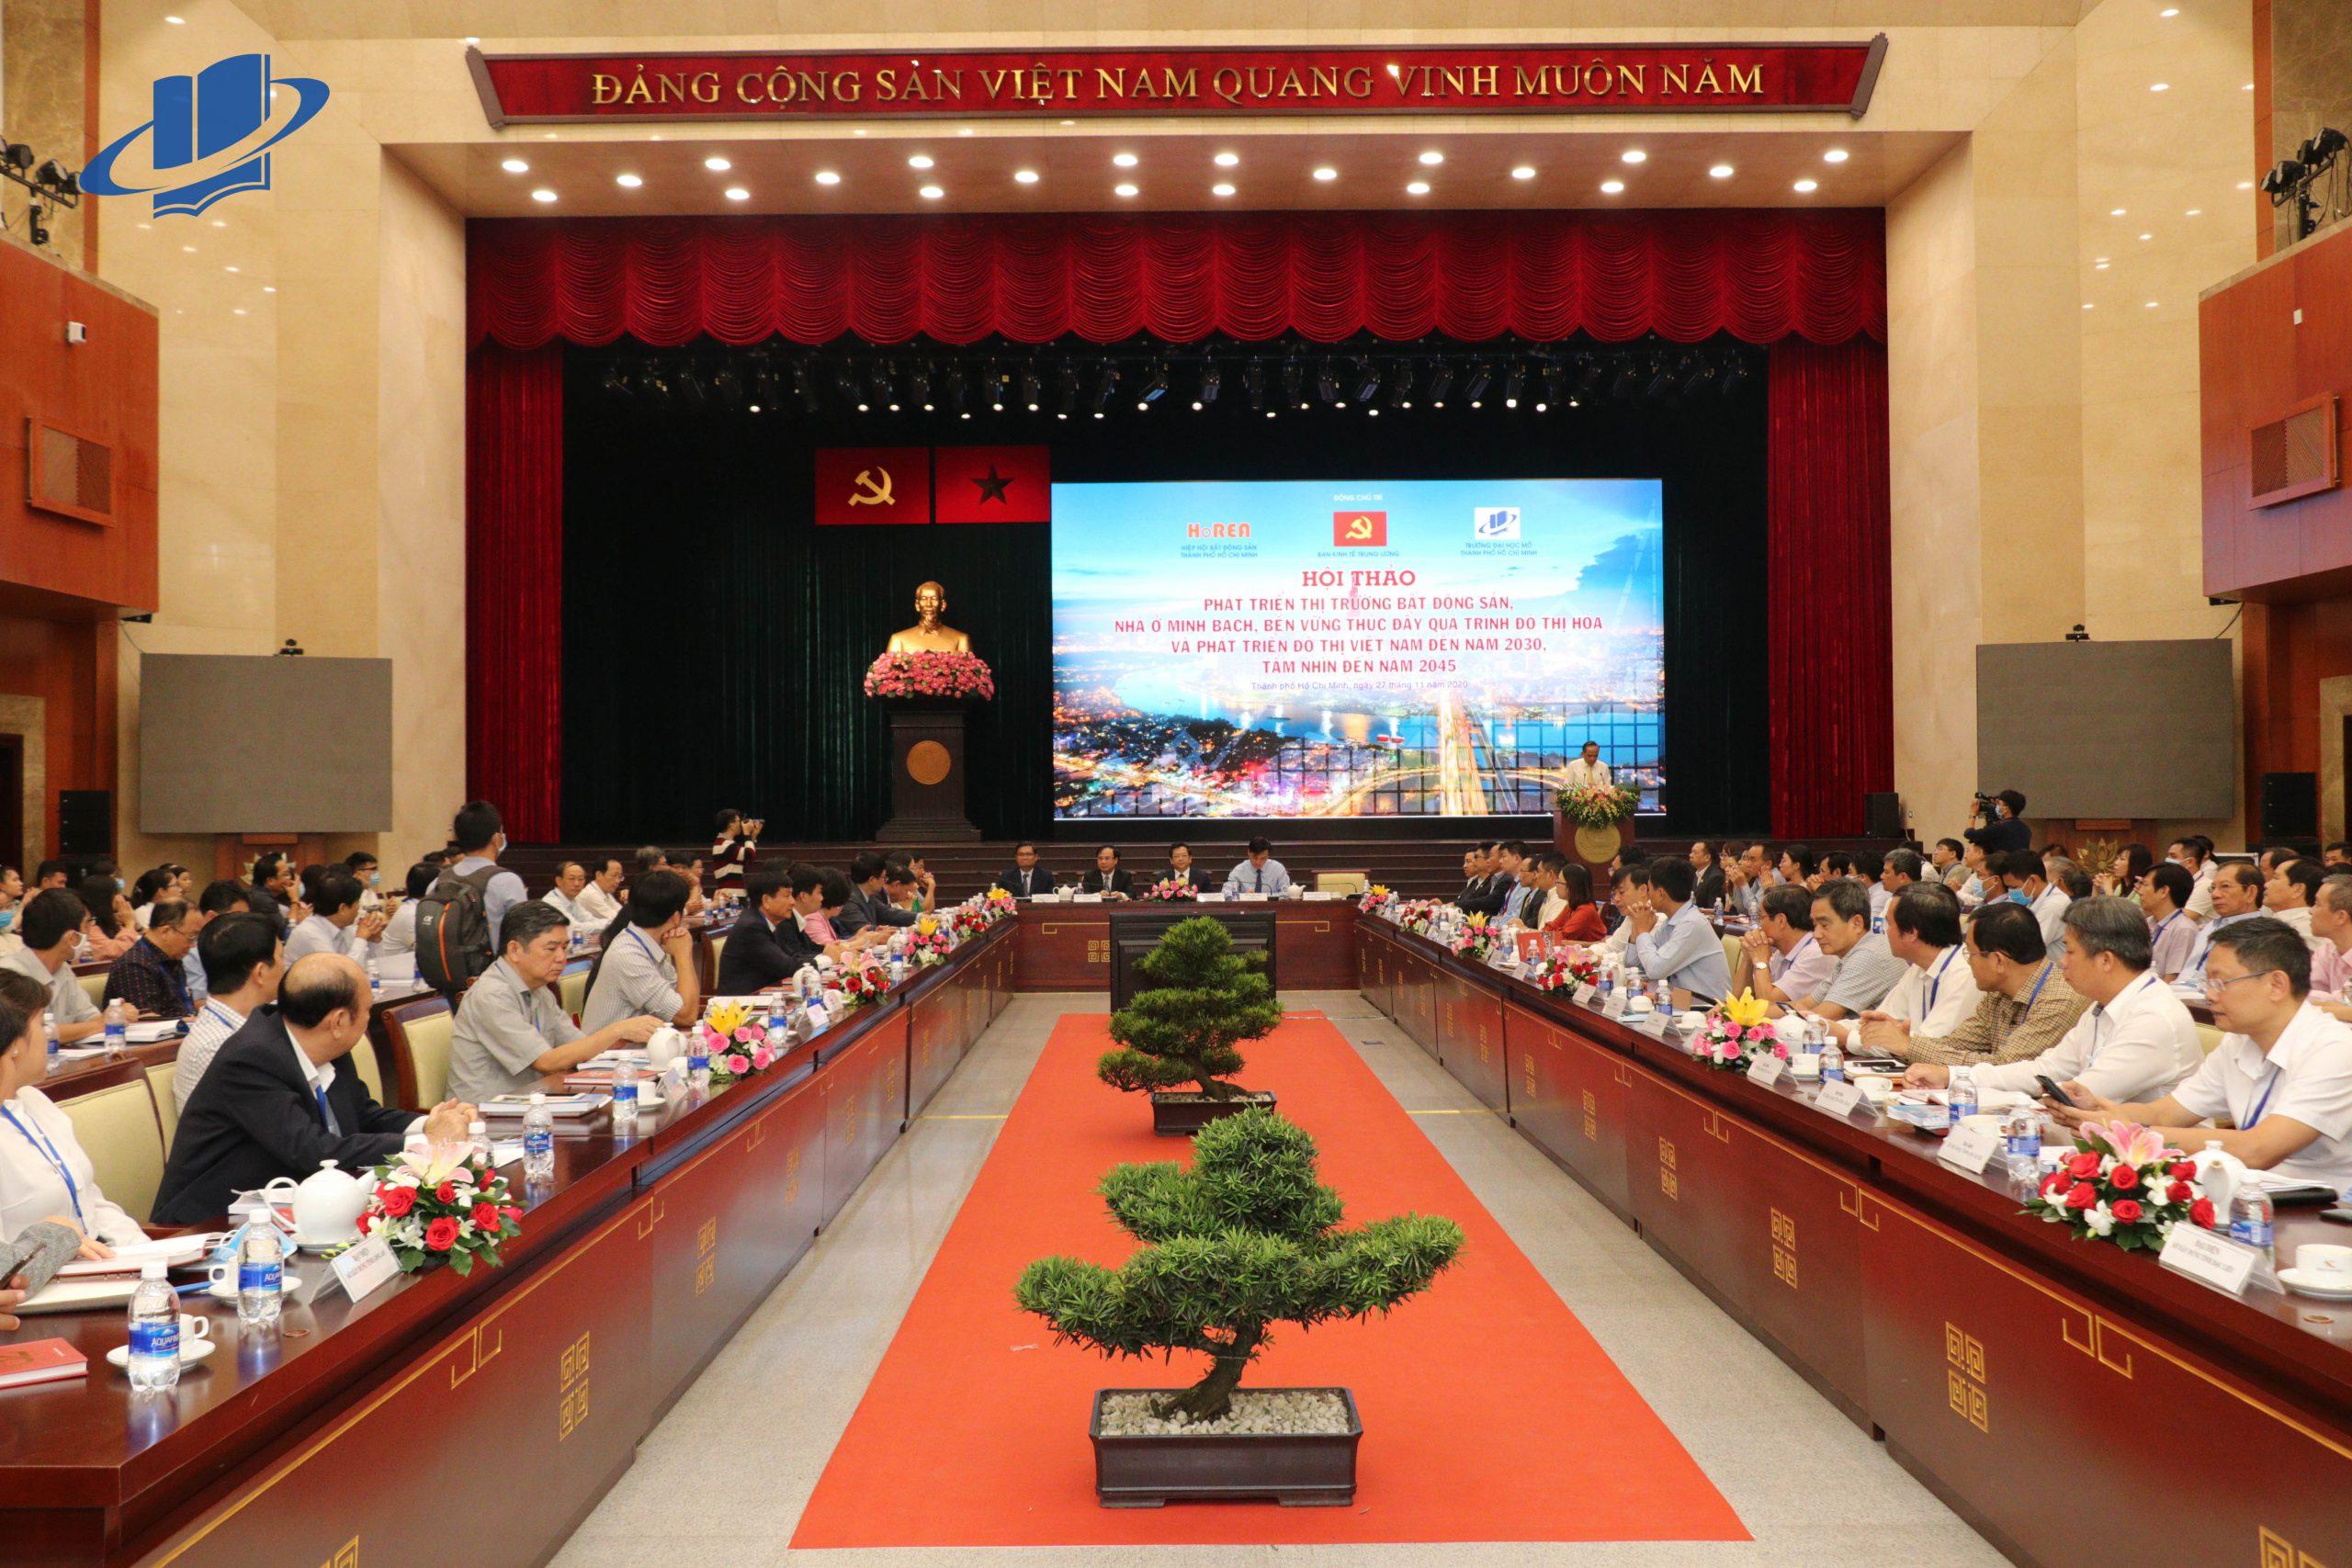 """Hội thảo """"Phát triển thị trường bất động sản, nhà ở minh bạch, bền vững thúc đẩy quá trình đô thị hóa và phát triển đô thị Việt Nam đến năm 2030, tầm nhìn đến năm 2045"""""""